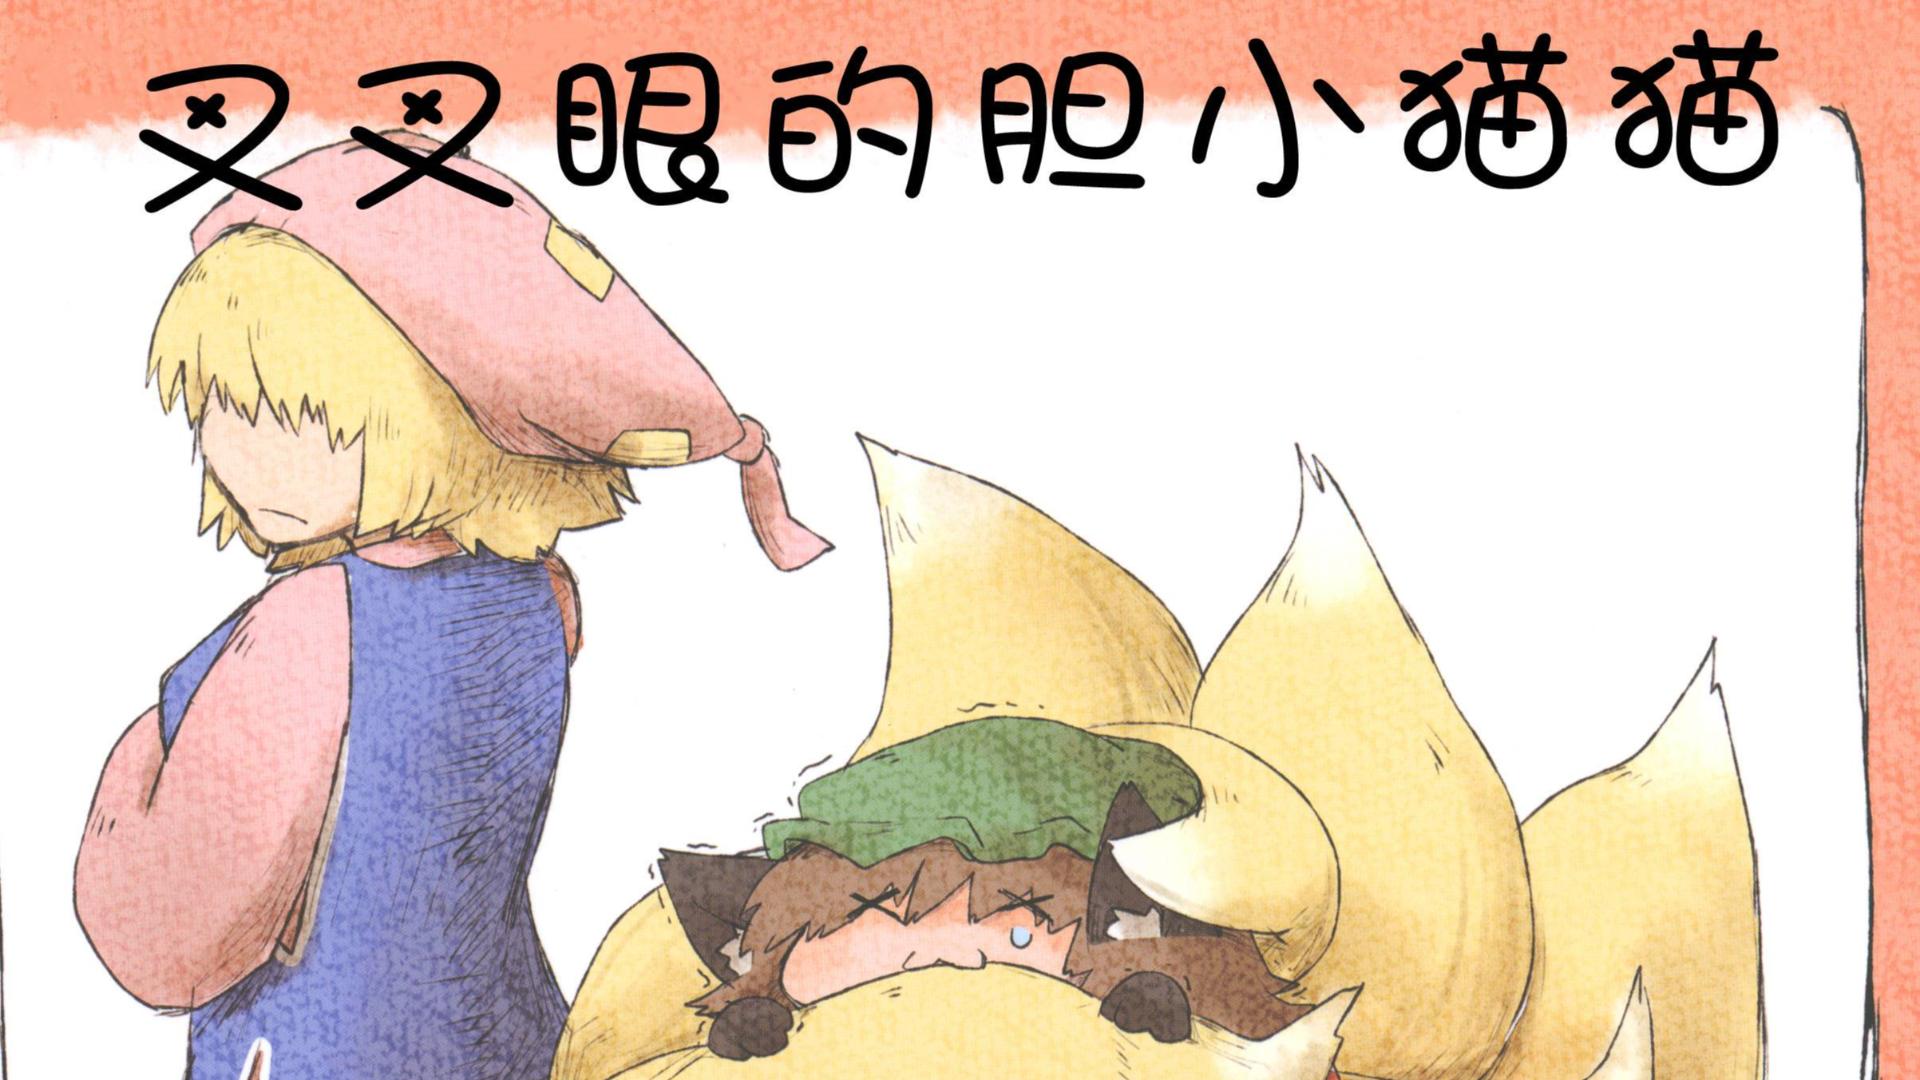 【东方同人绘本】叉叉眼的胆小猫猫